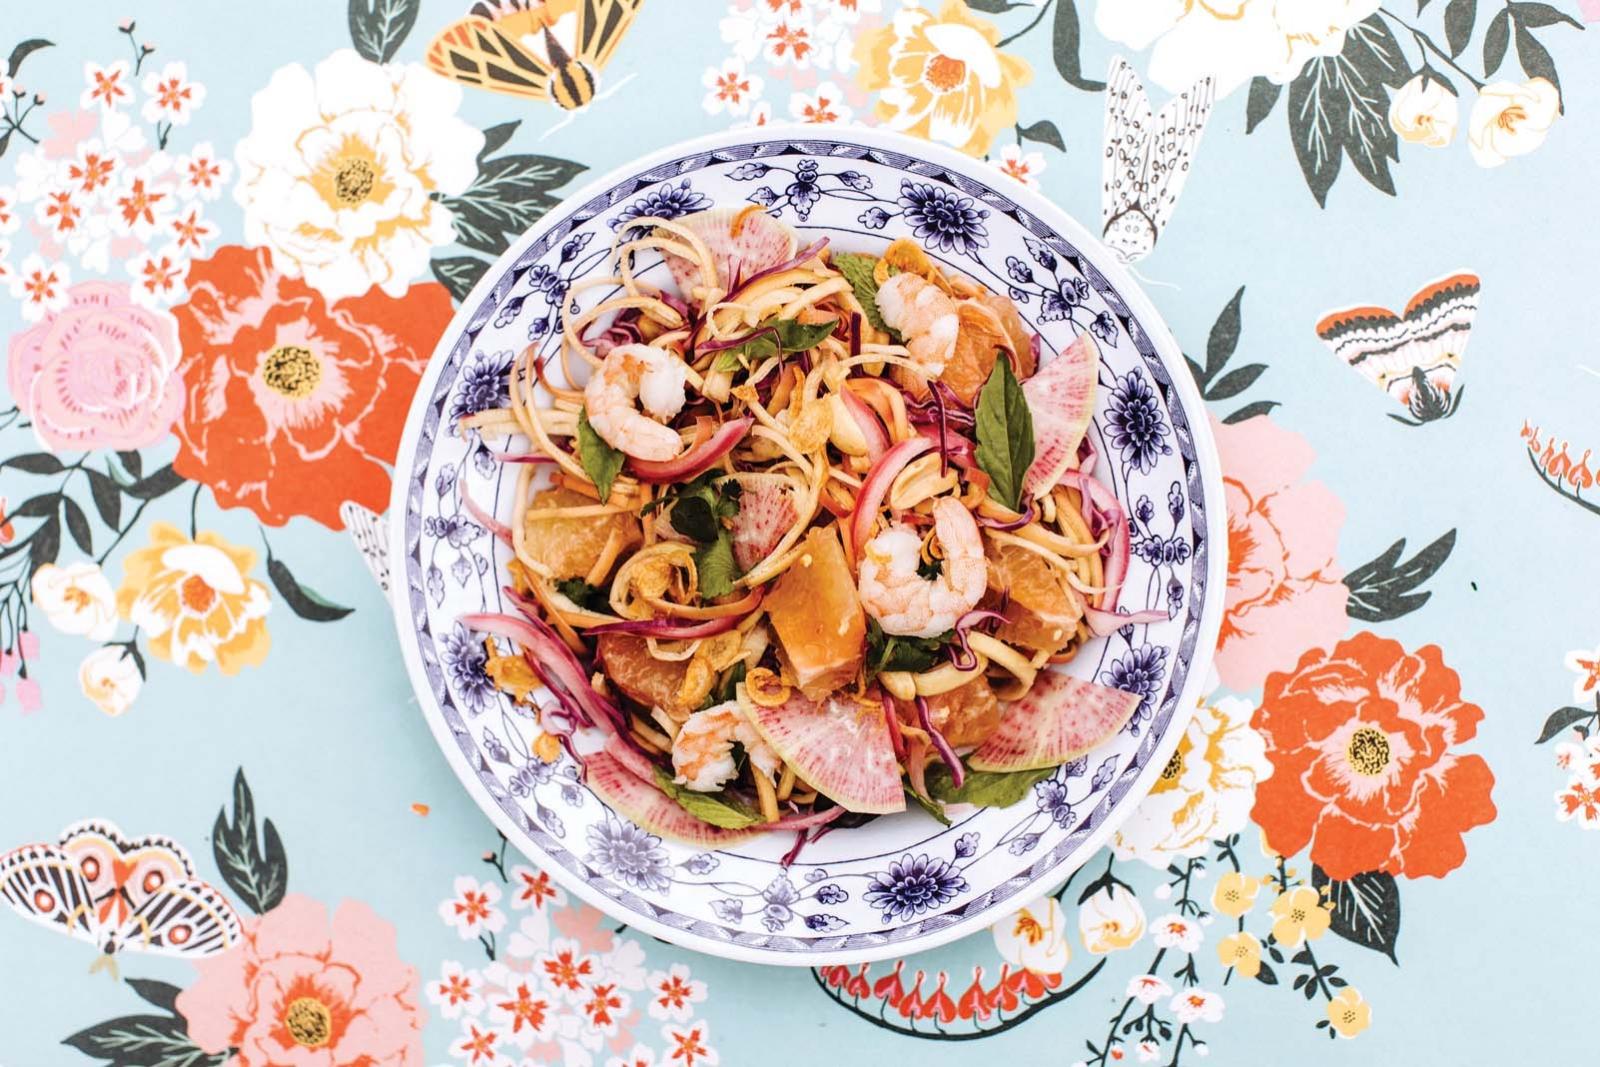 A salad with shrimp and greens at Hai Hai.